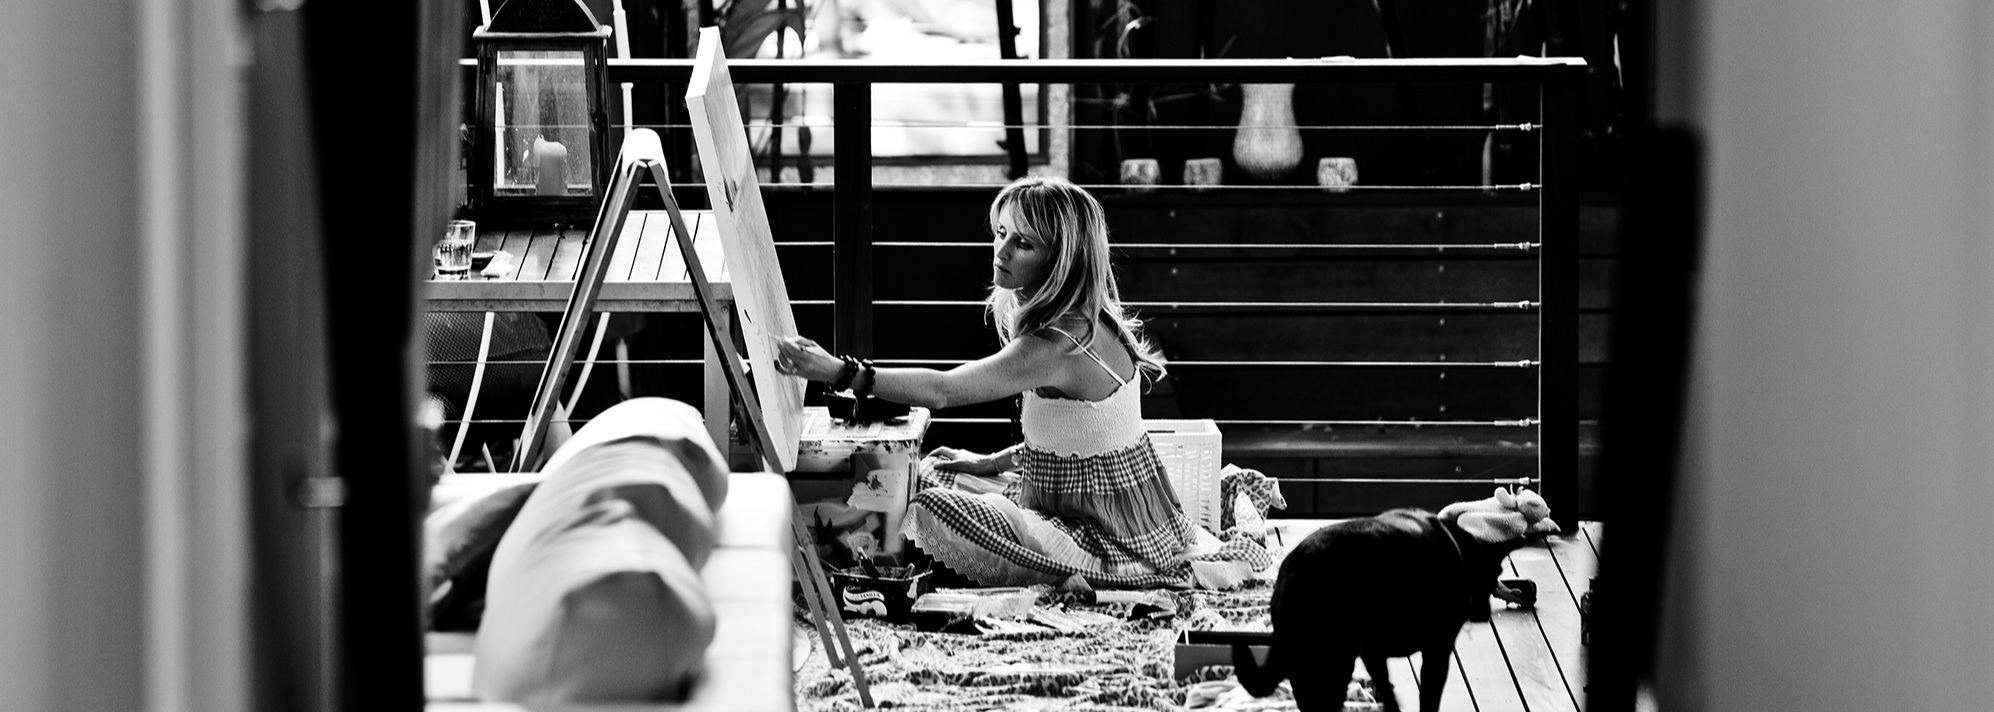 Genevieve Montgomerie - Artist's Statement